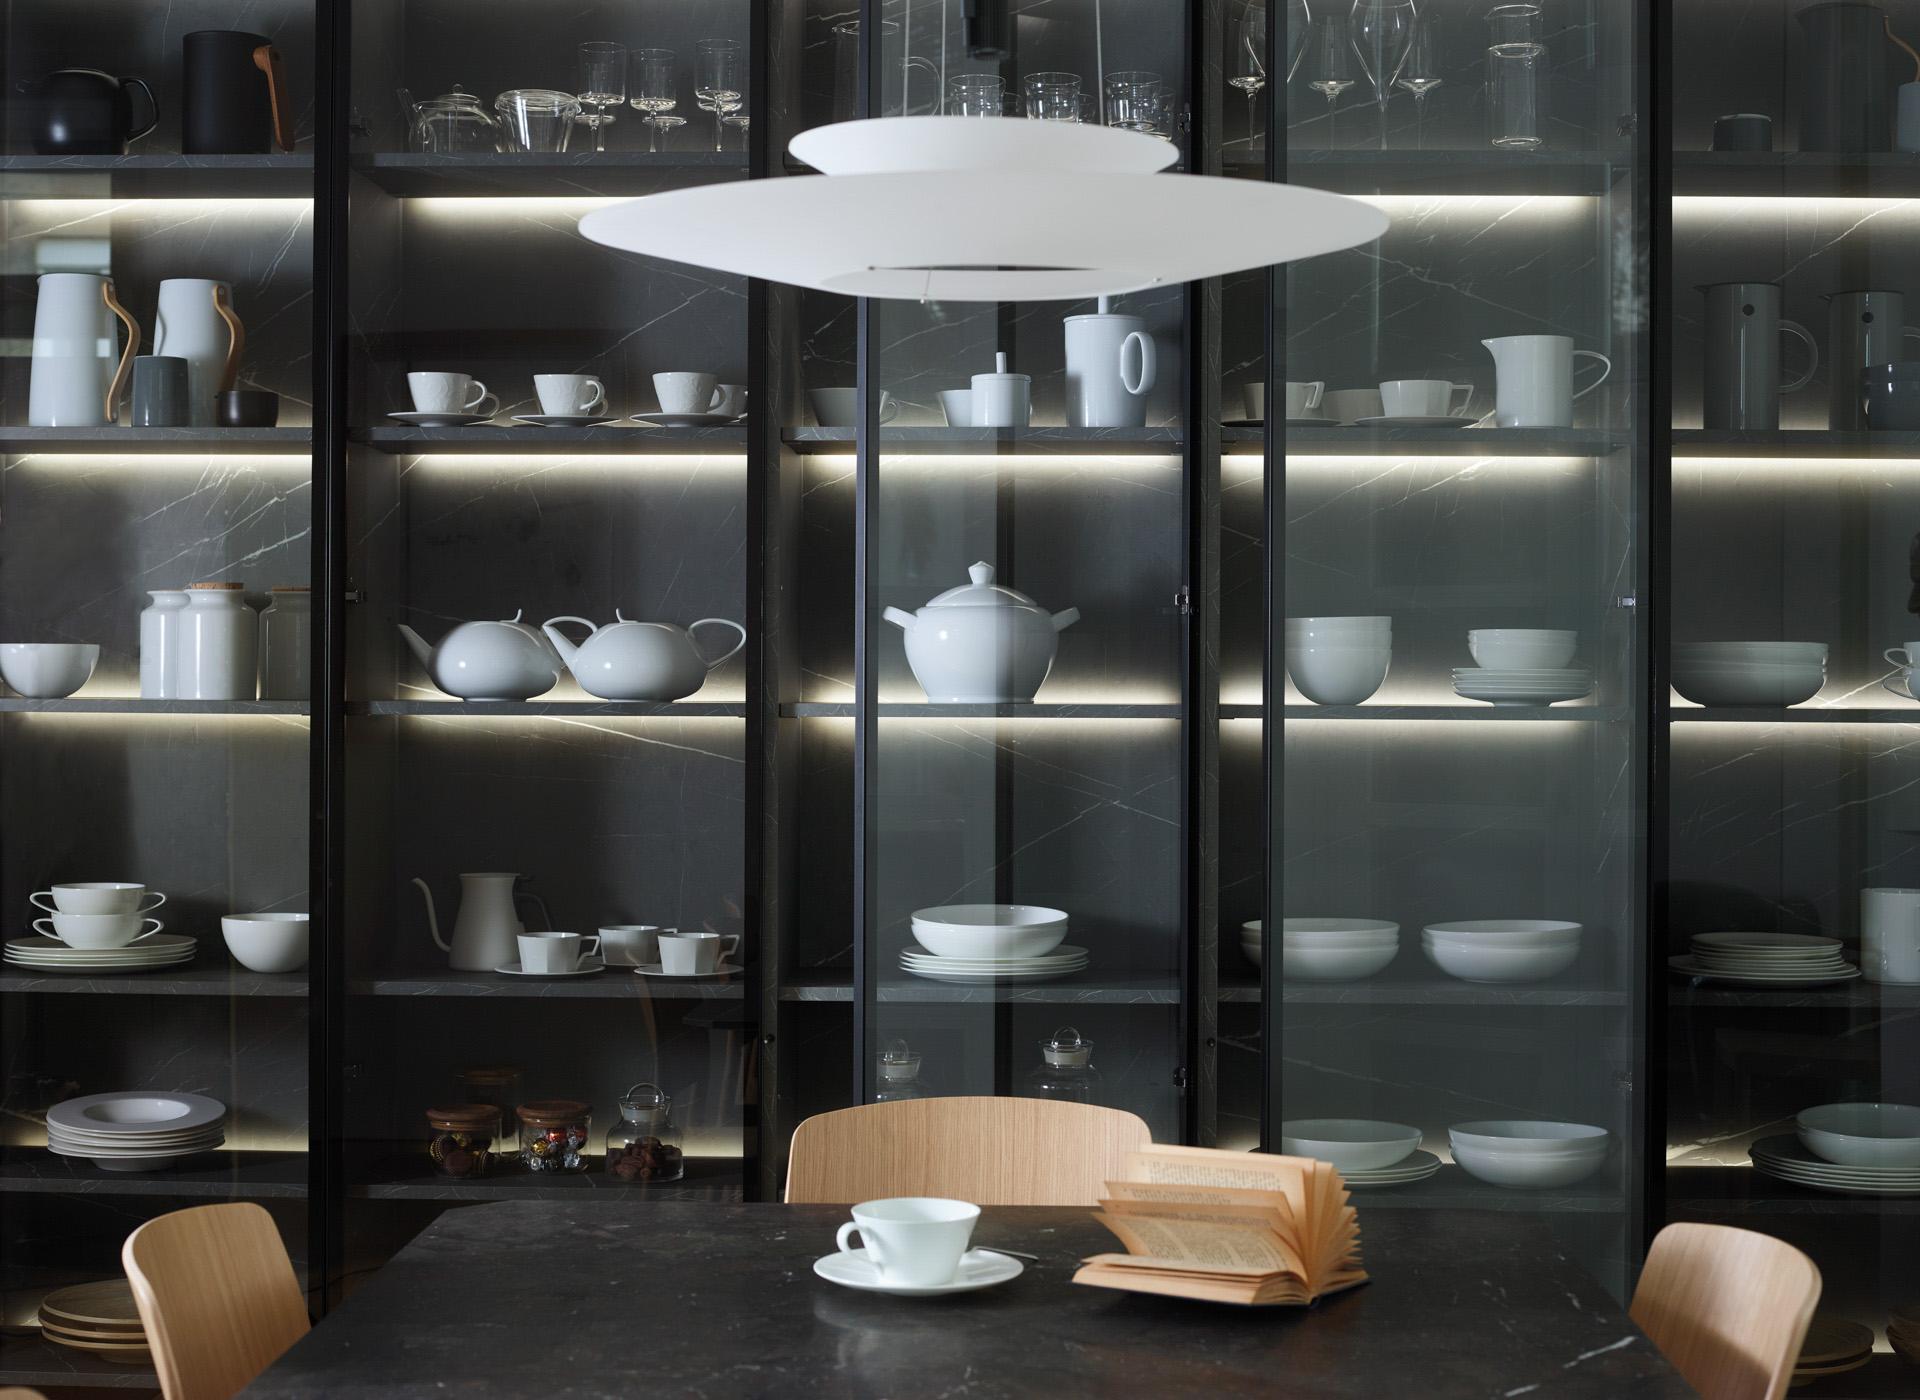 armario-vitrina-en-cocina-abierta-al-comedor